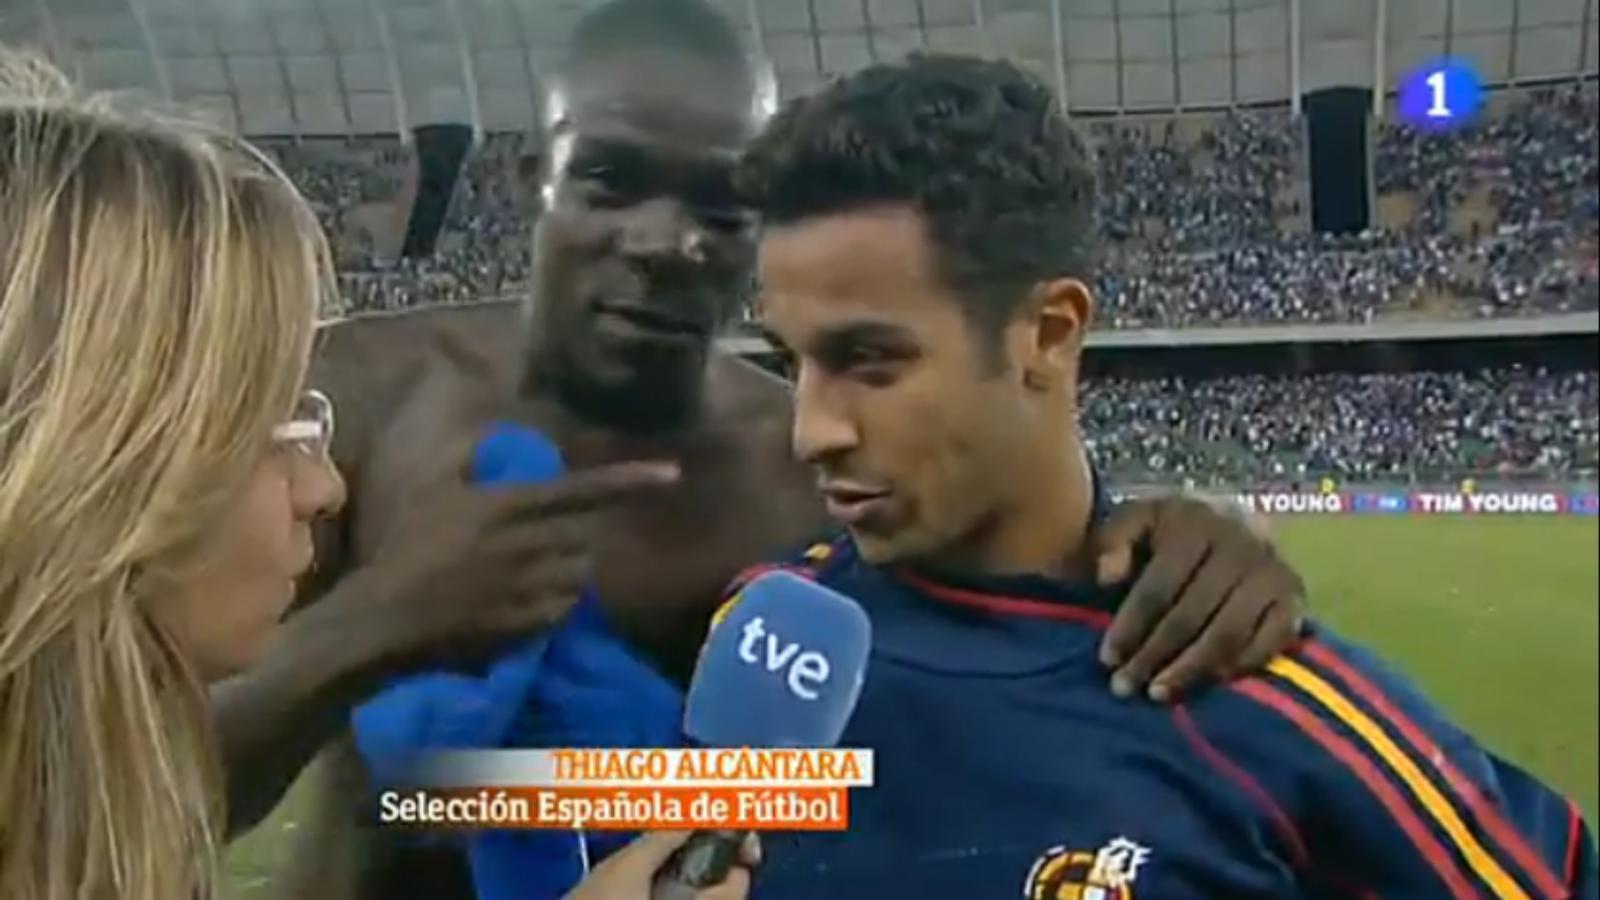 Balotelli: Thiago és el més gran